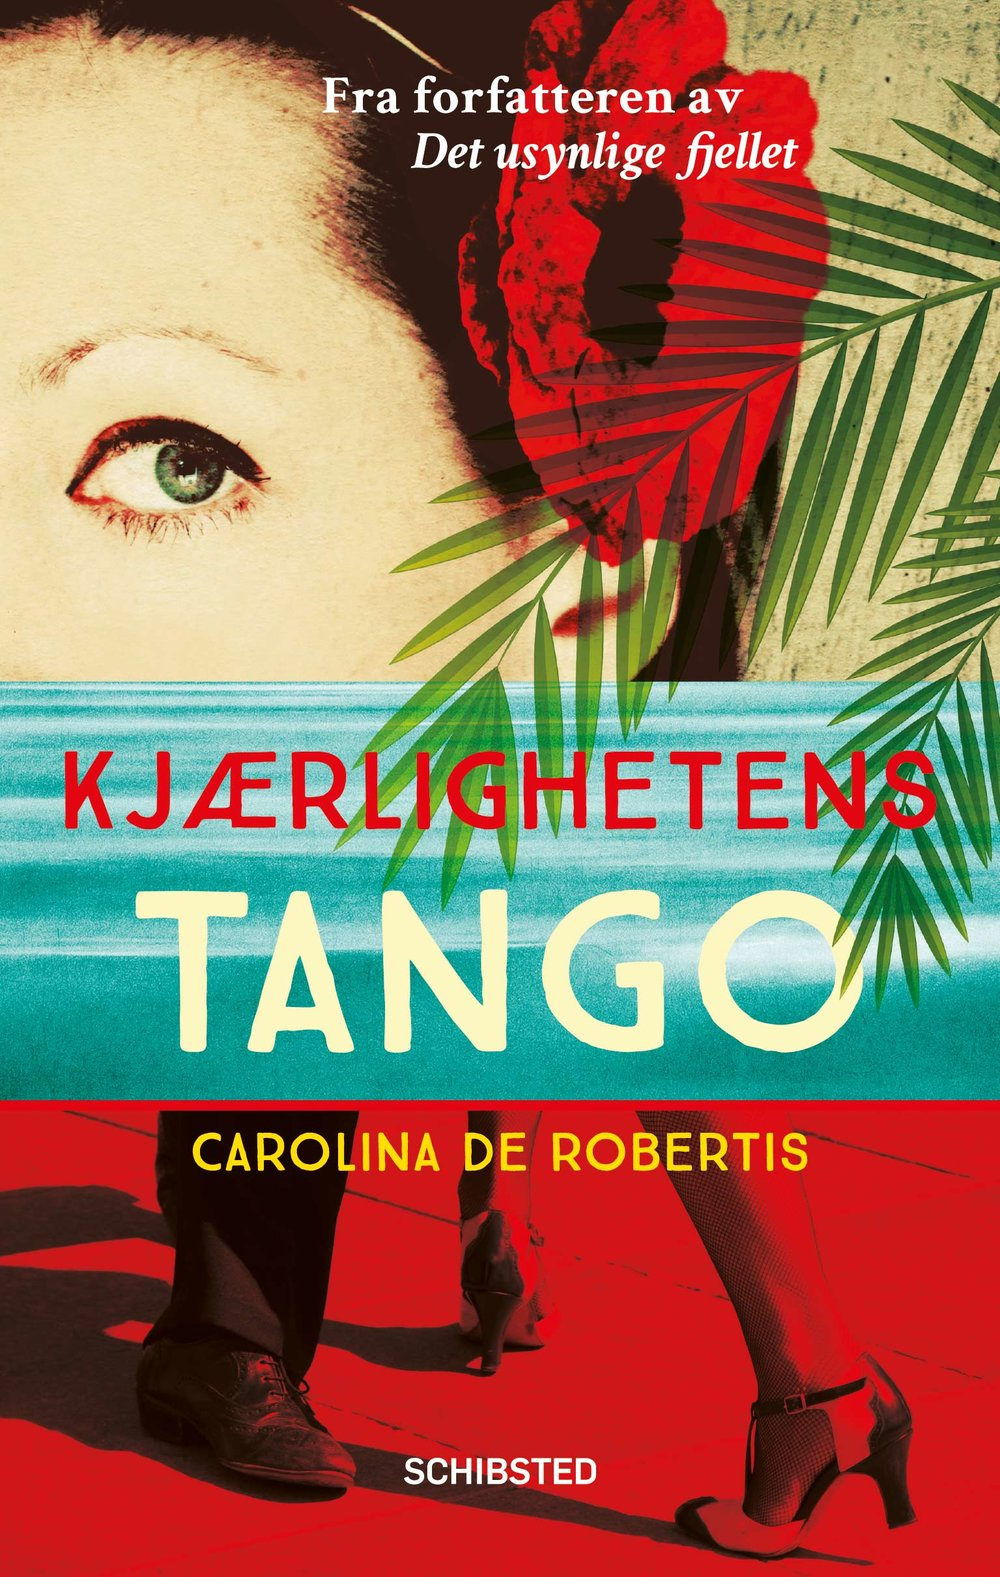 Love_tango.jpg